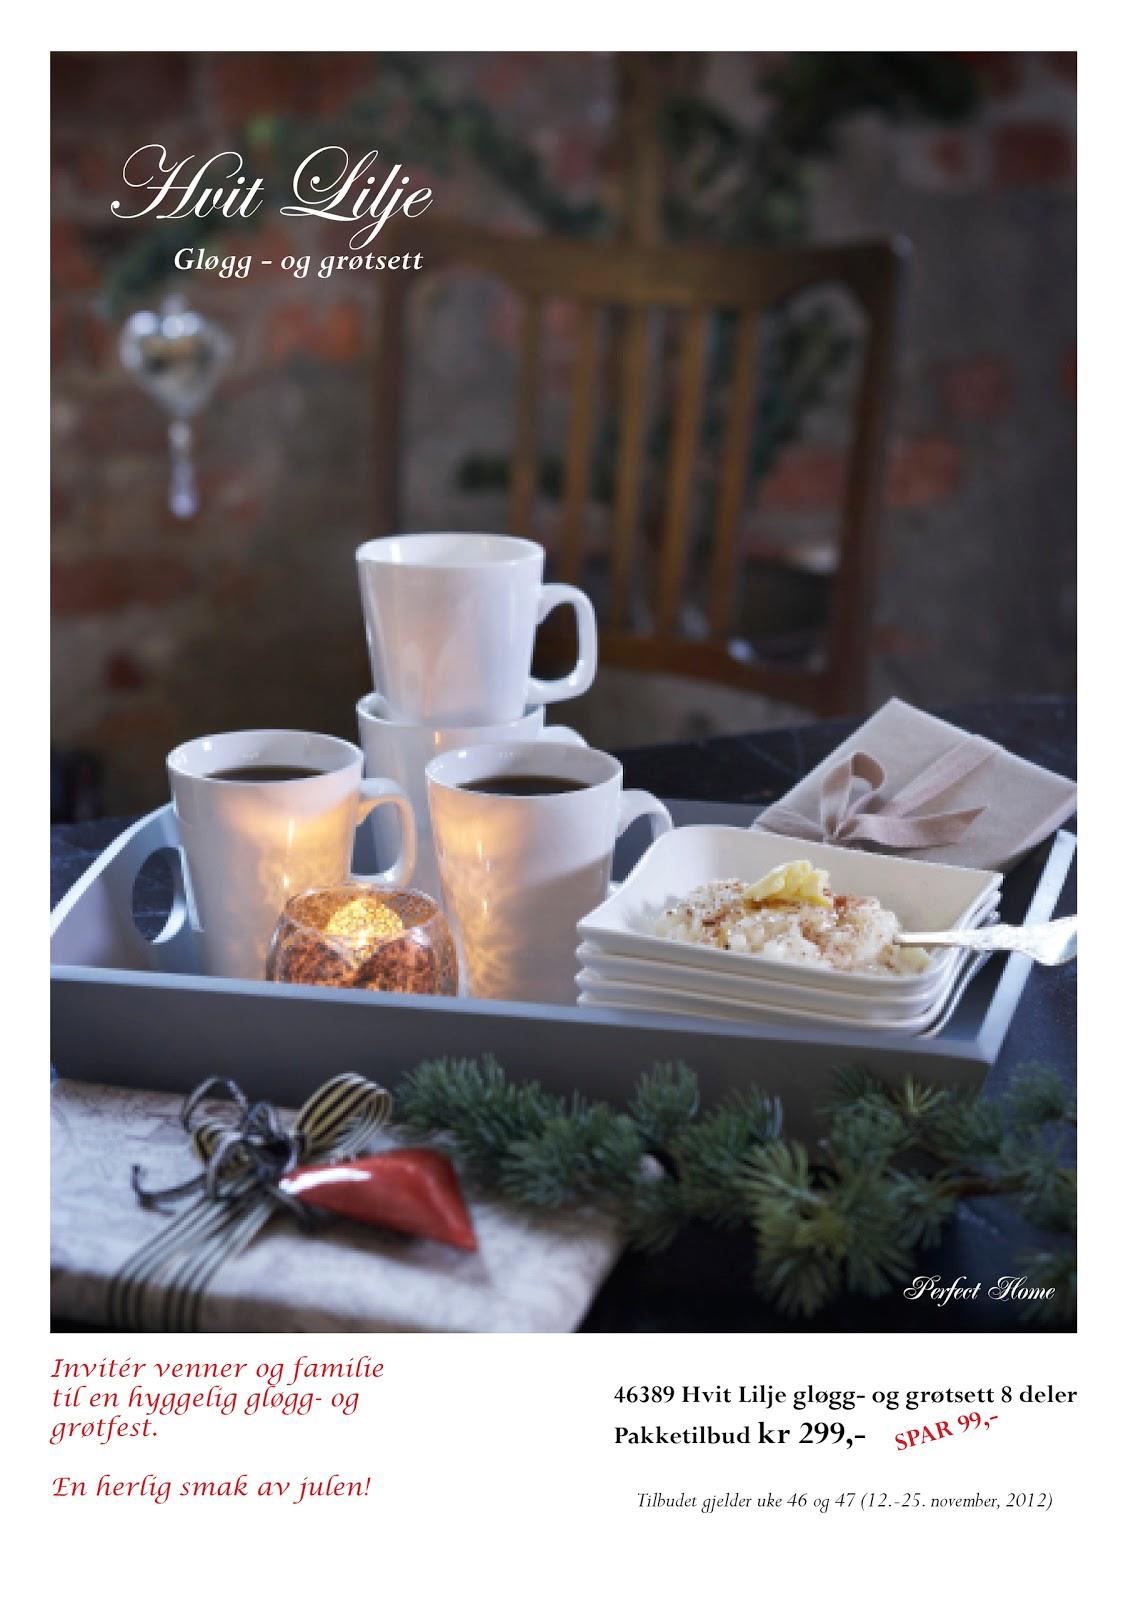 Perfect Home: KJEMPETILBUD! Hvit Lilje gløgg og grøtsett!